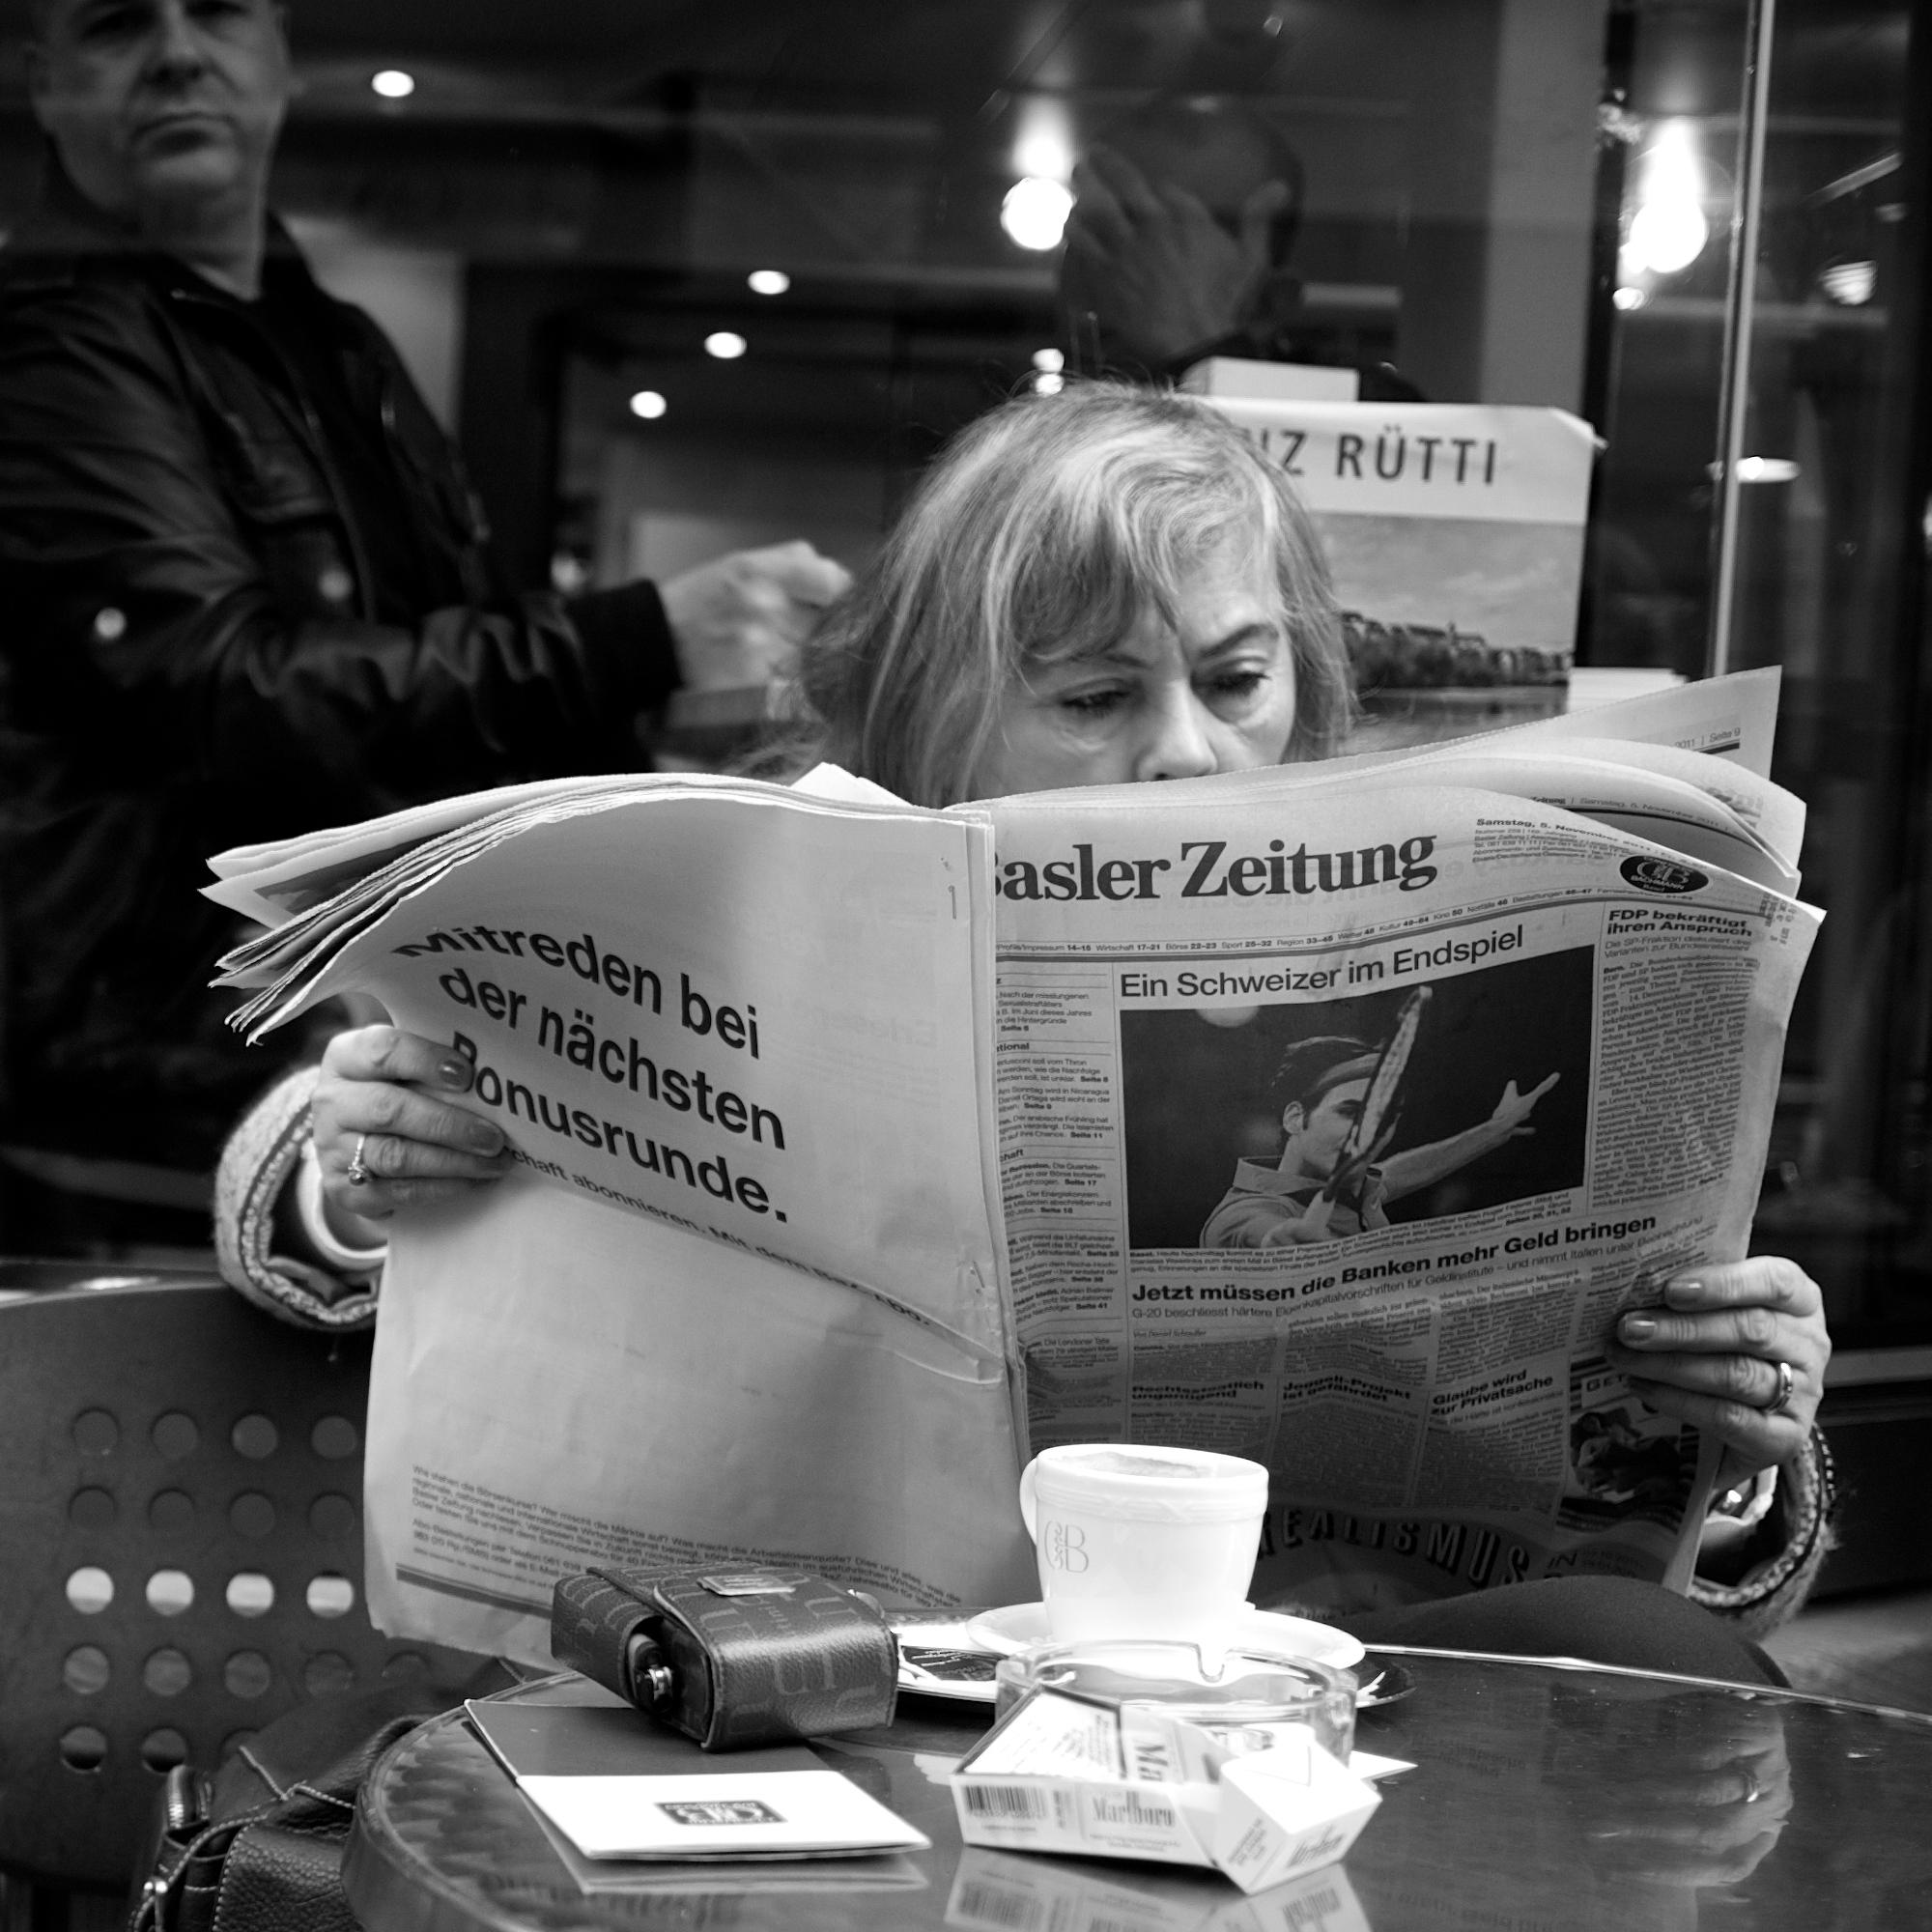 Une femme boit un café